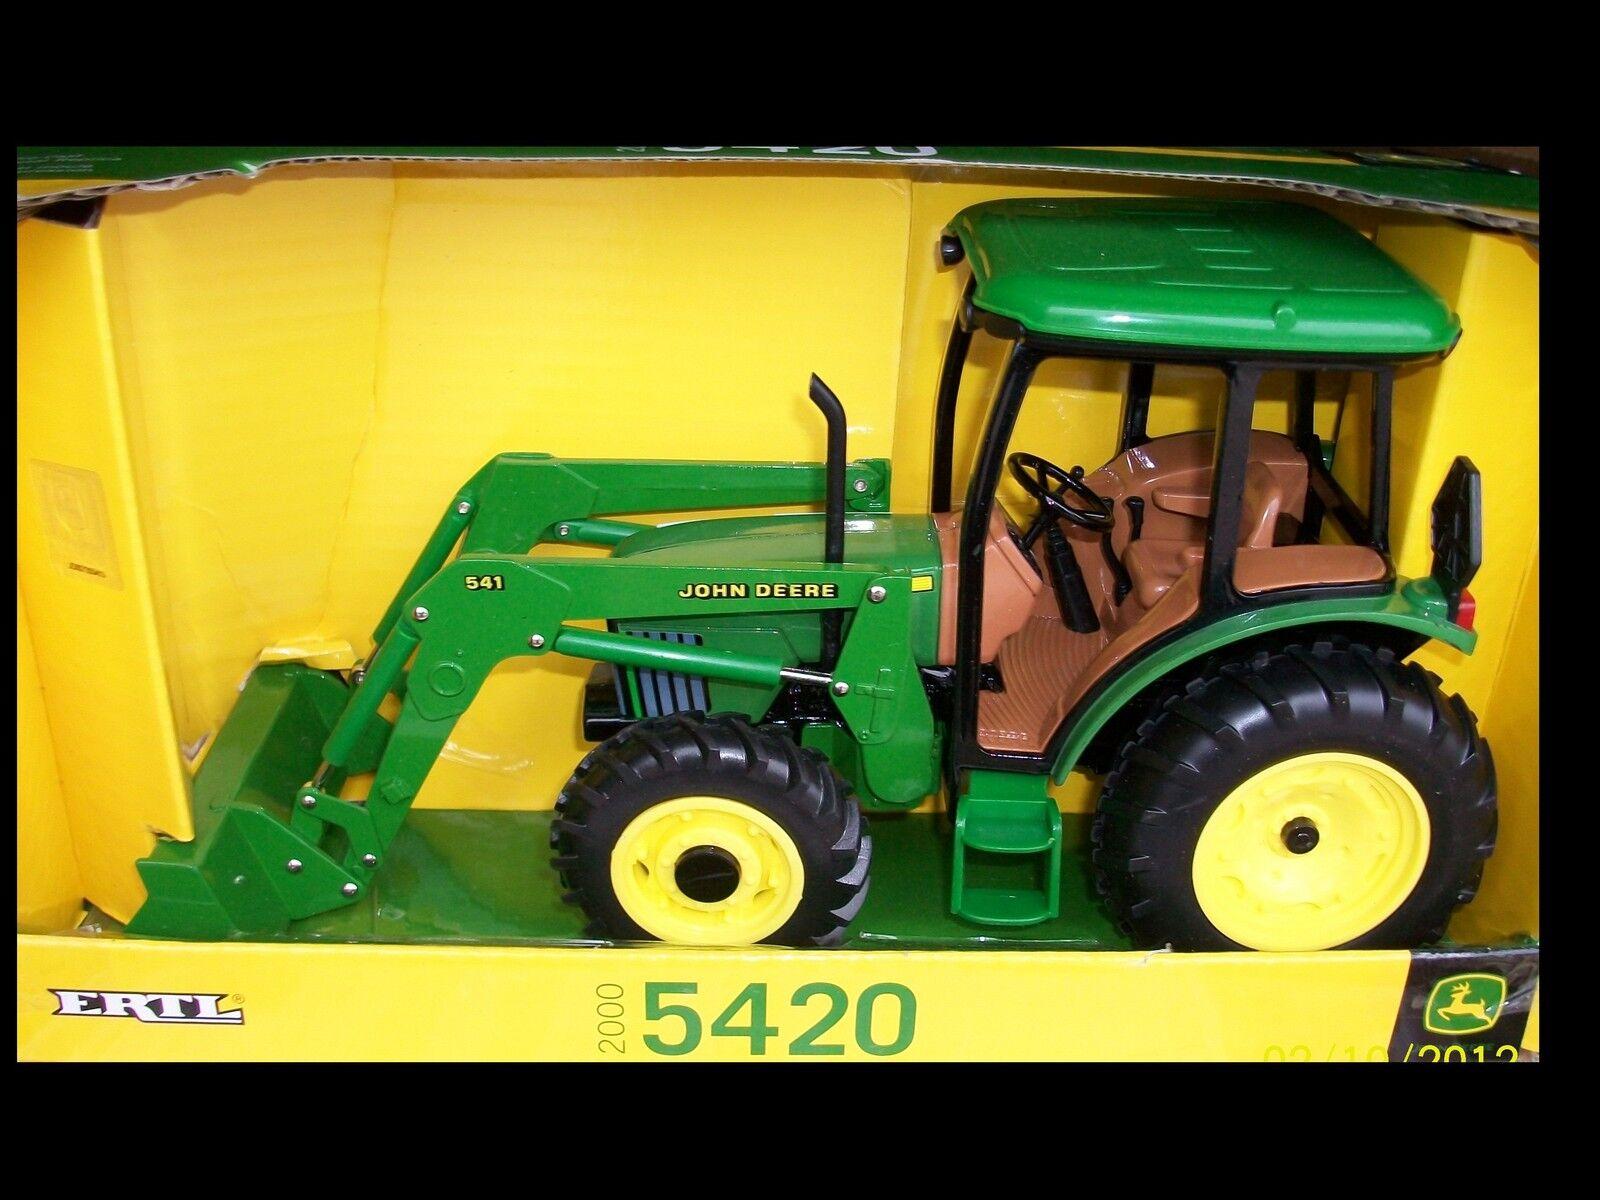 sconto prezzo basso 2000 John John John Deere 5420 tractor with loader 1 16 Ertl 15357  shopping online e negozio di moda